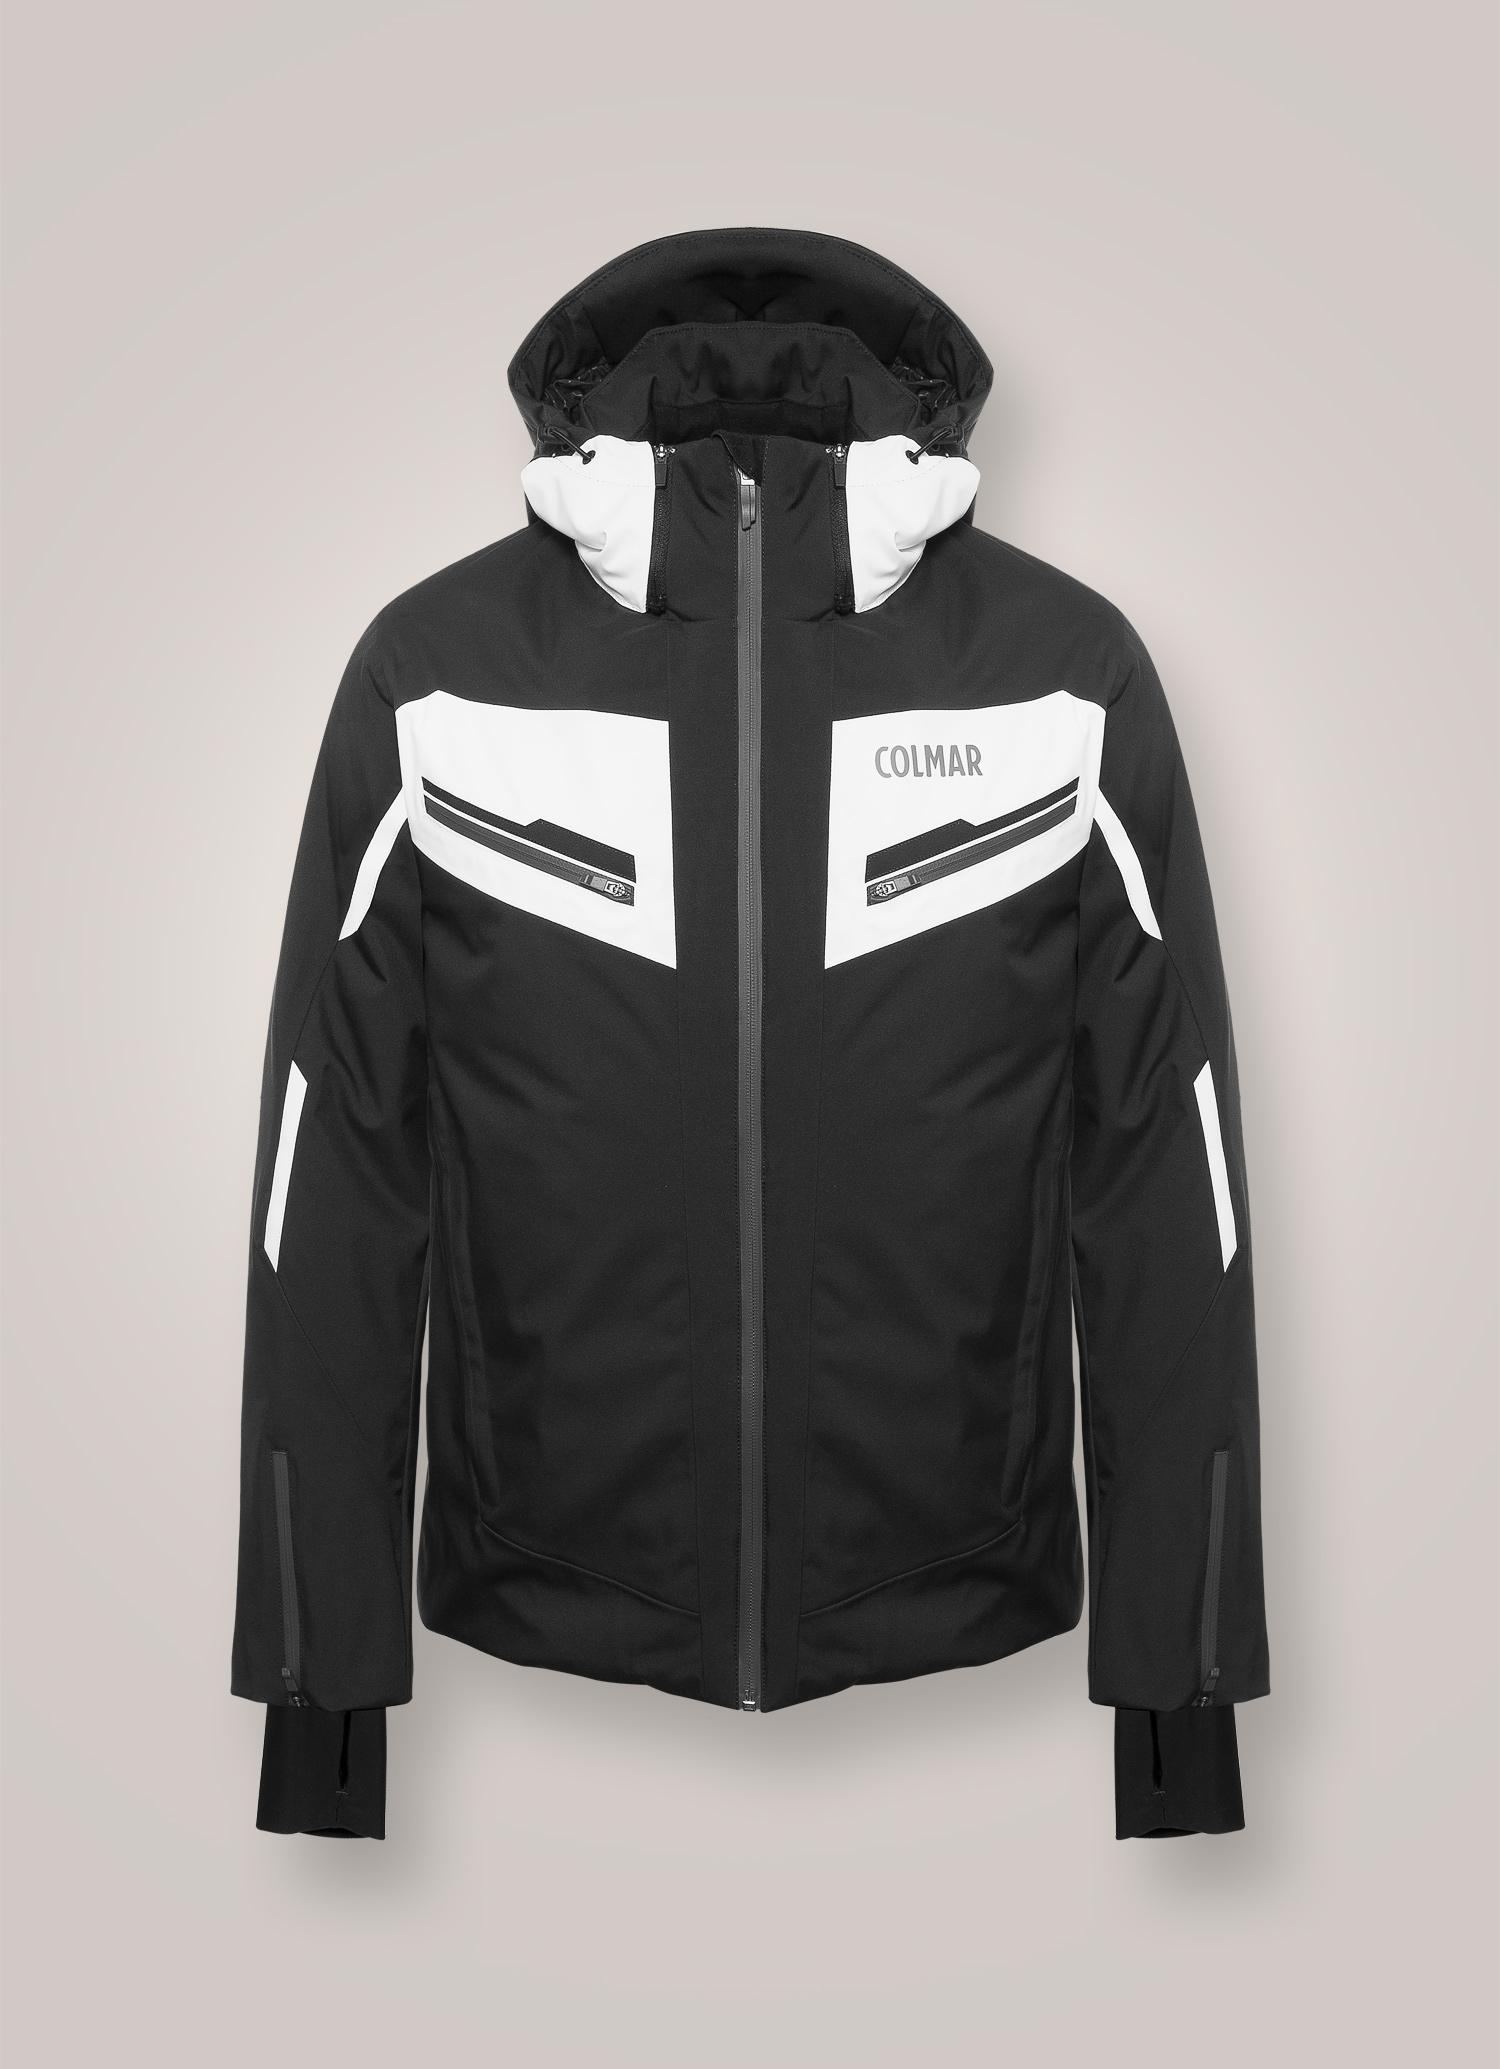 027bbbc17 Pánská lyžařská bunda COLMAR Golden Eagle 1375 černá model 2018/19